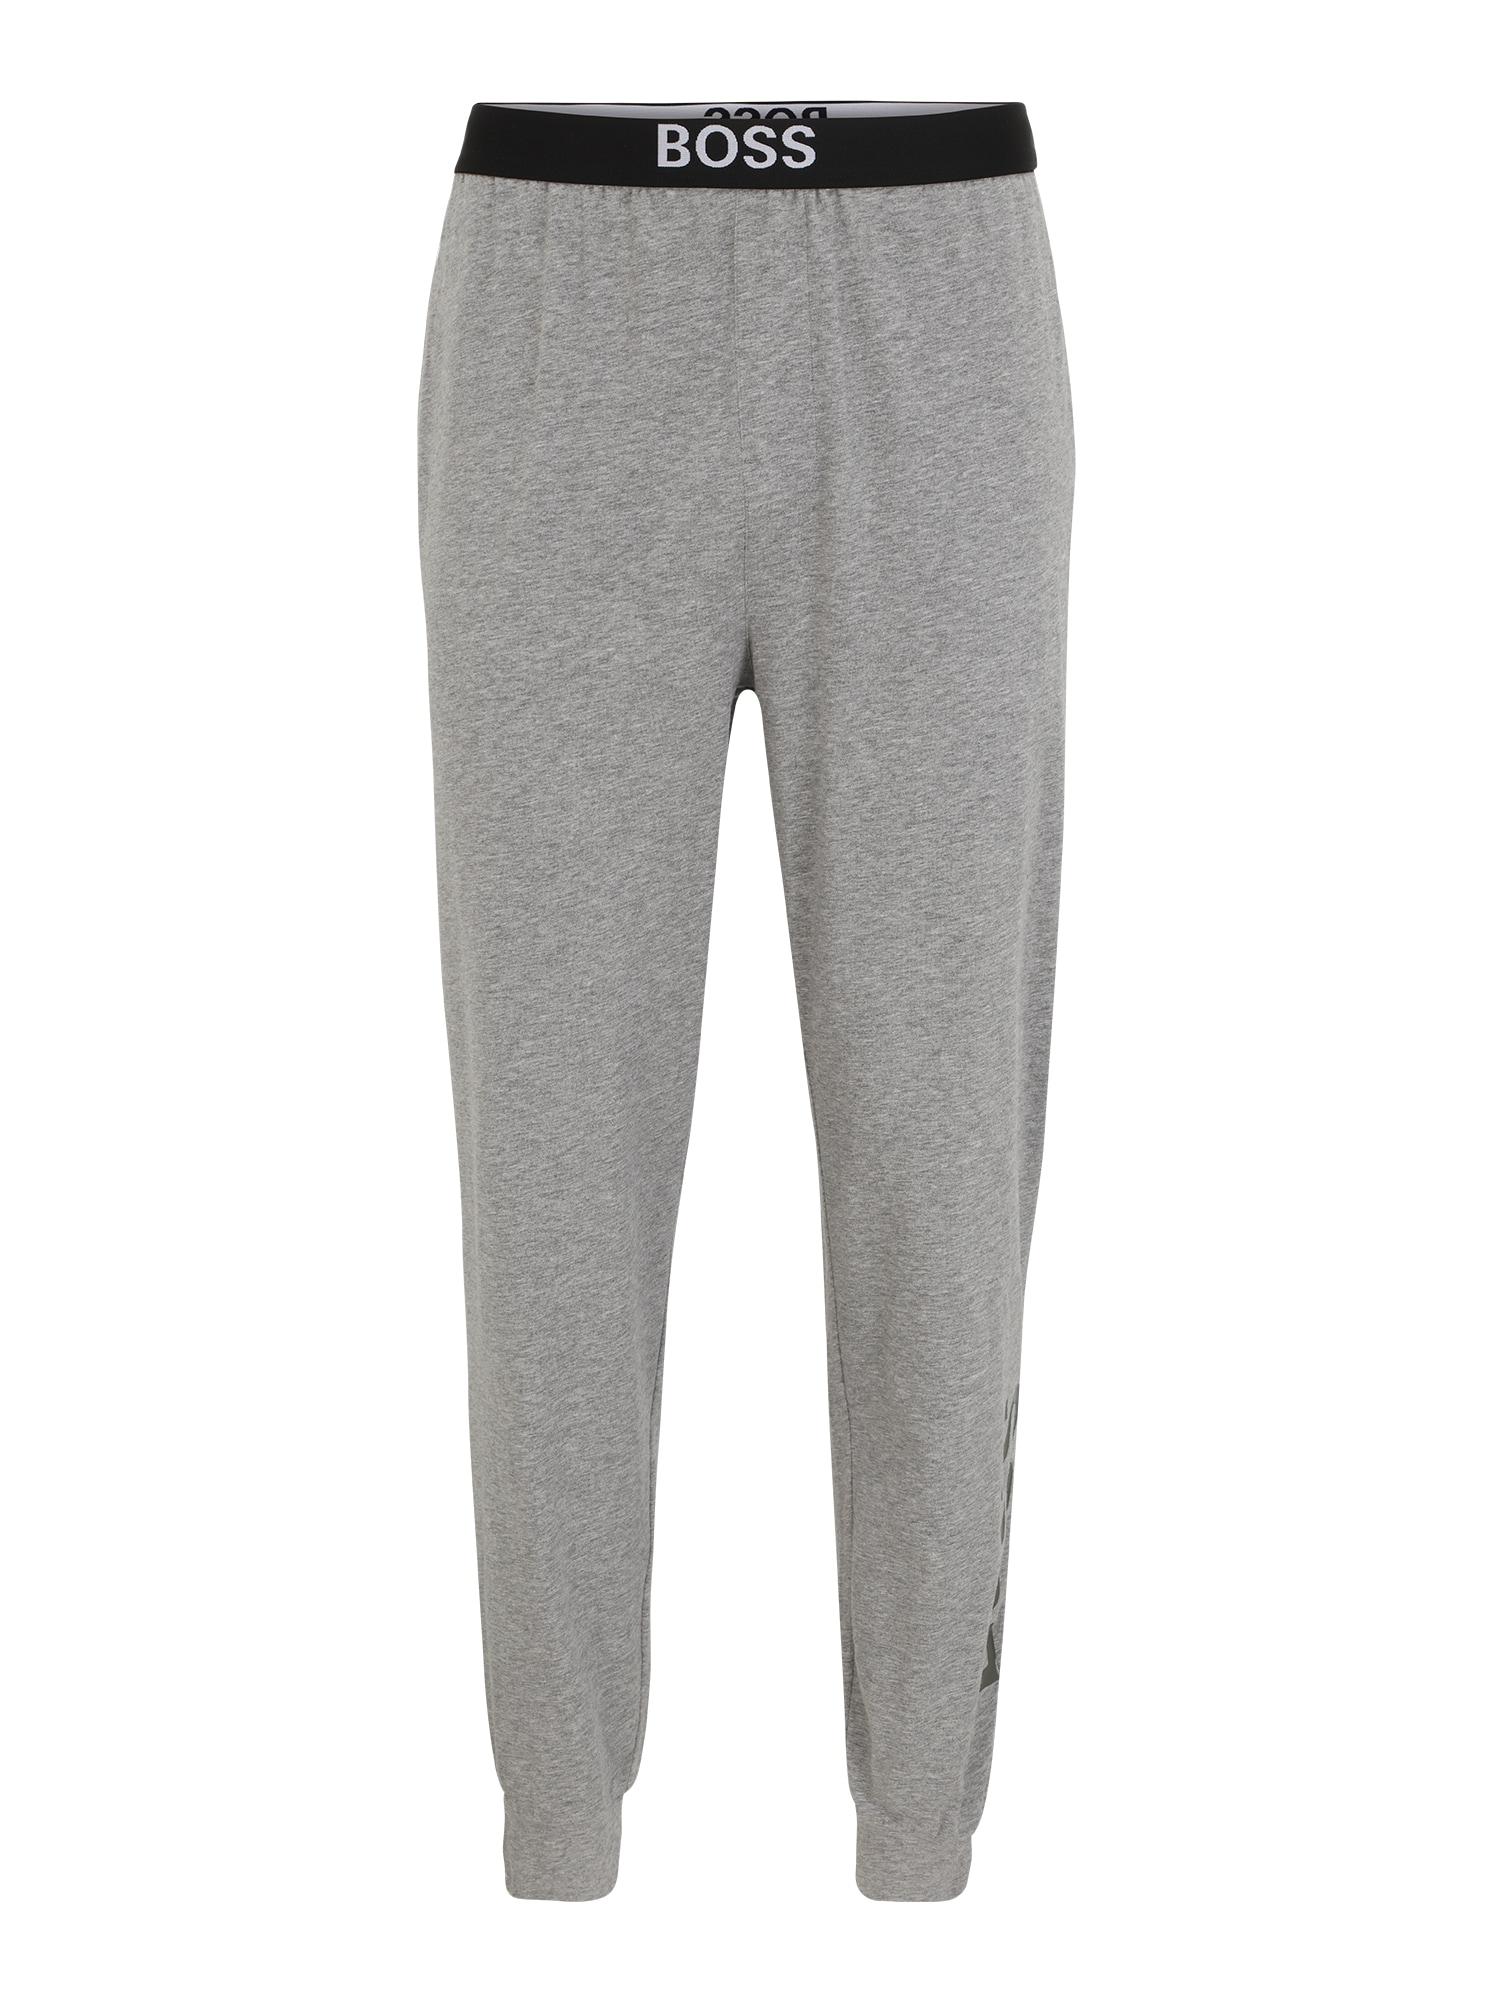 BOSS Casual Pyžamové nohavice 'Identity'  sivá melírovaná / čierna